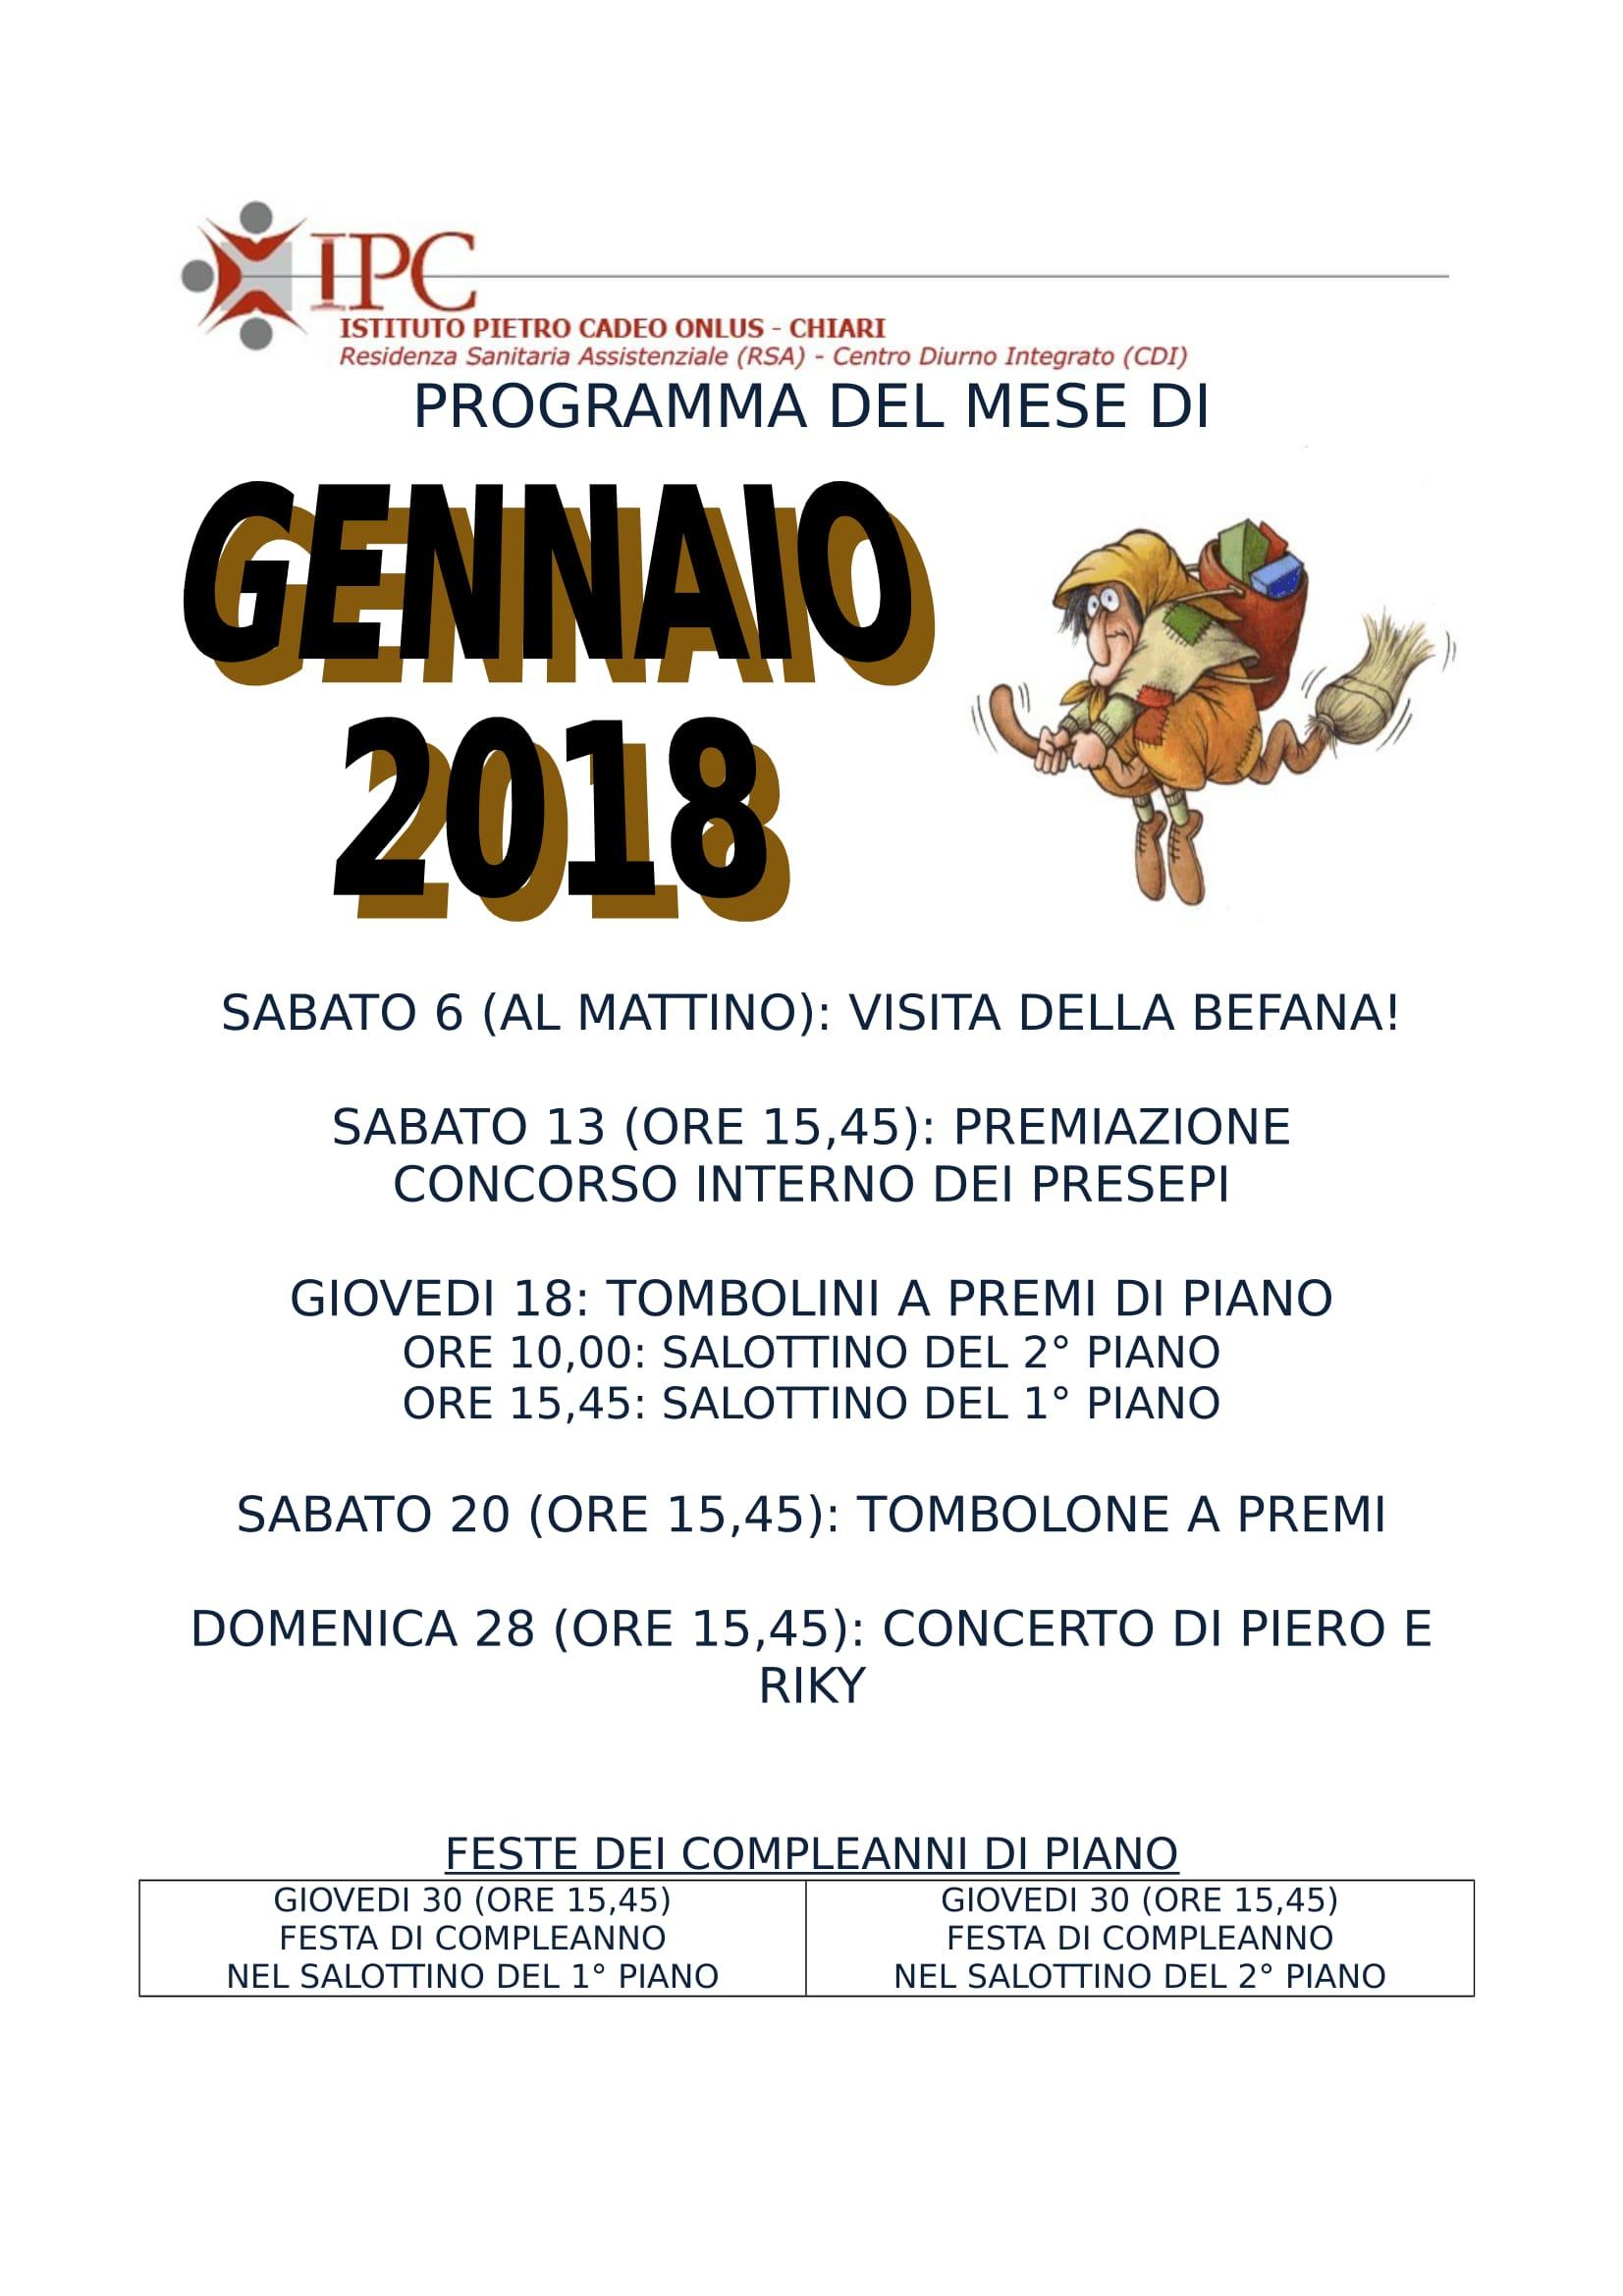 PROGRAMMA GENNAIO 2018-1